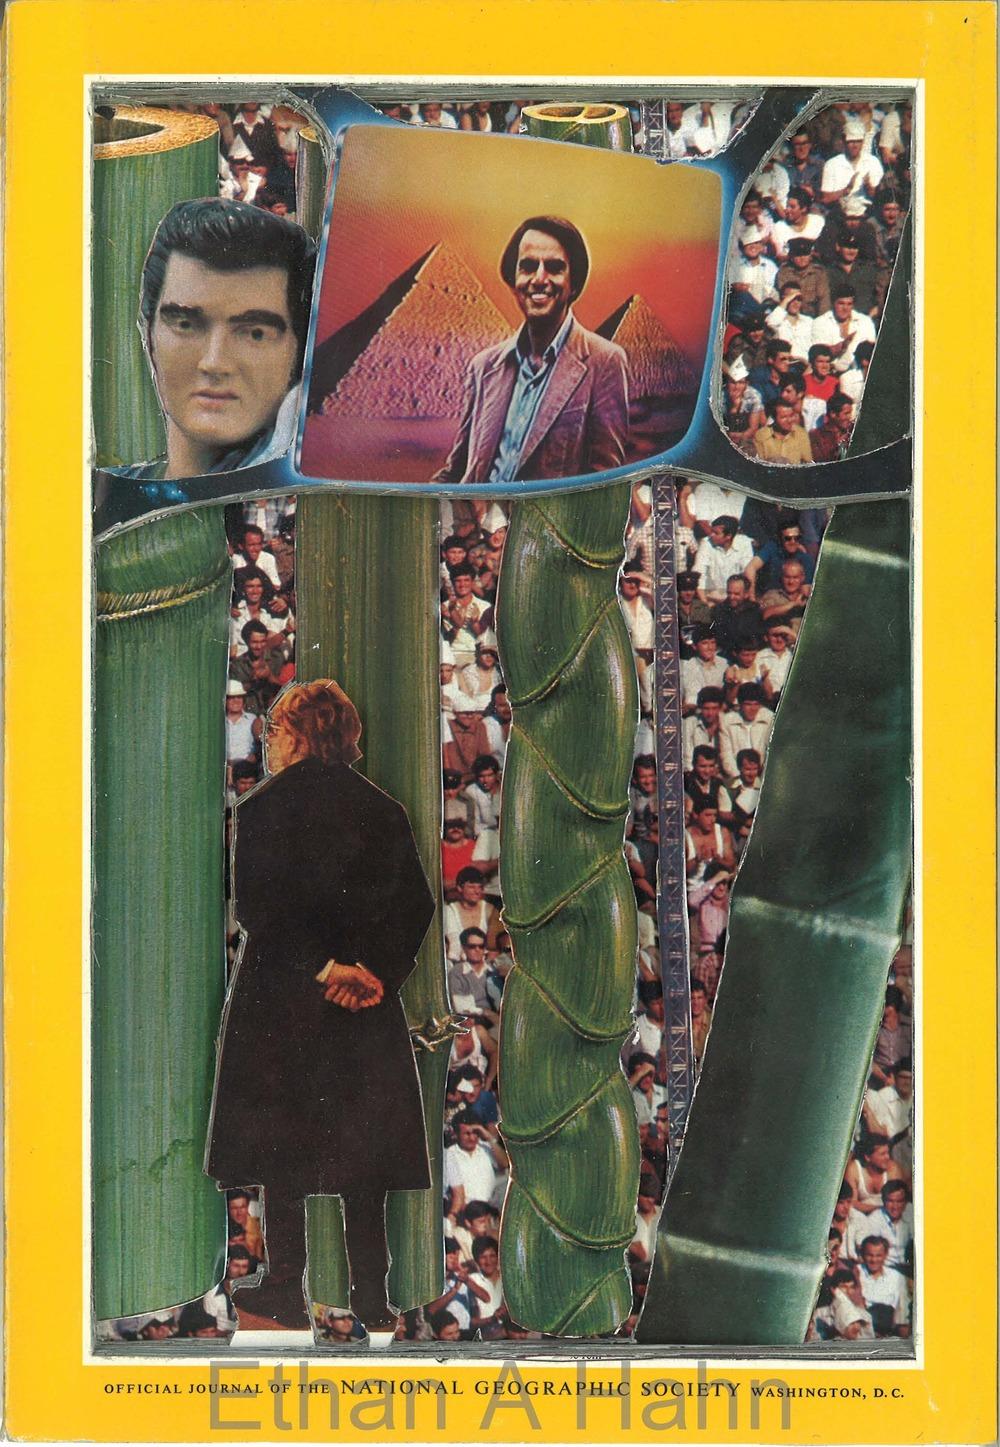 1980 Oct